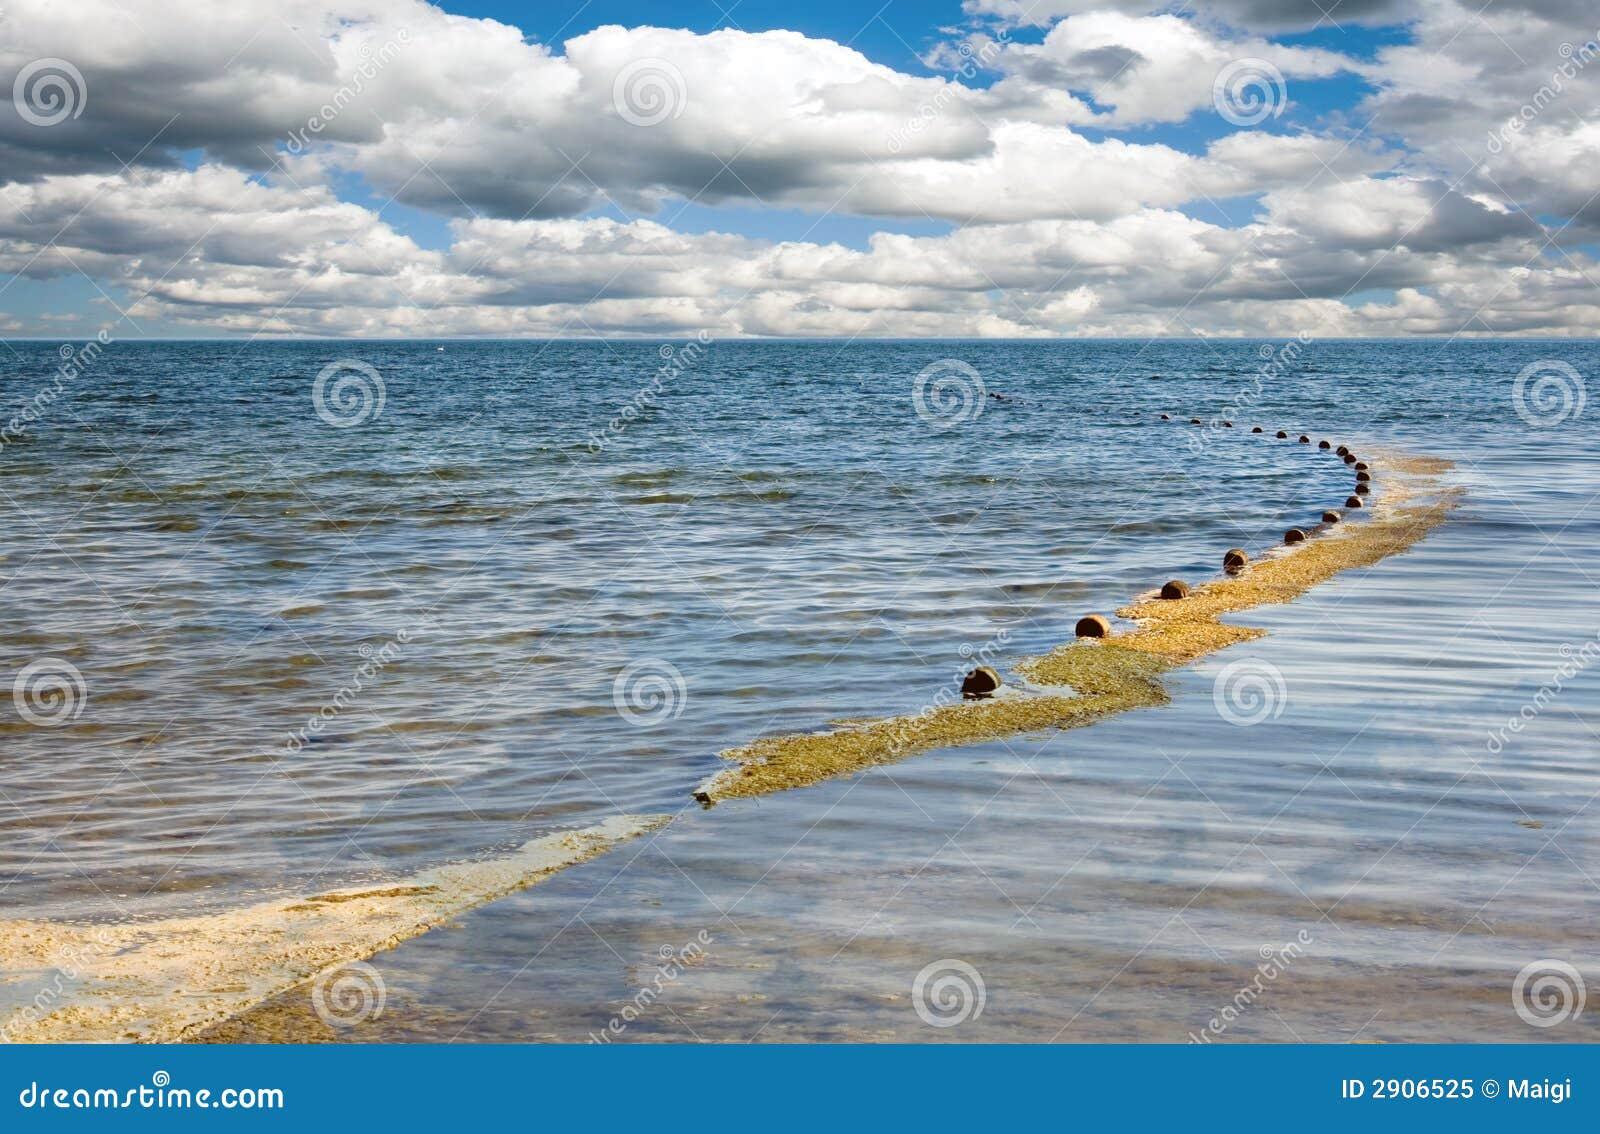 Rete da pesca immagine stock immagine di acque trasporto for Rete da pesca arredamento